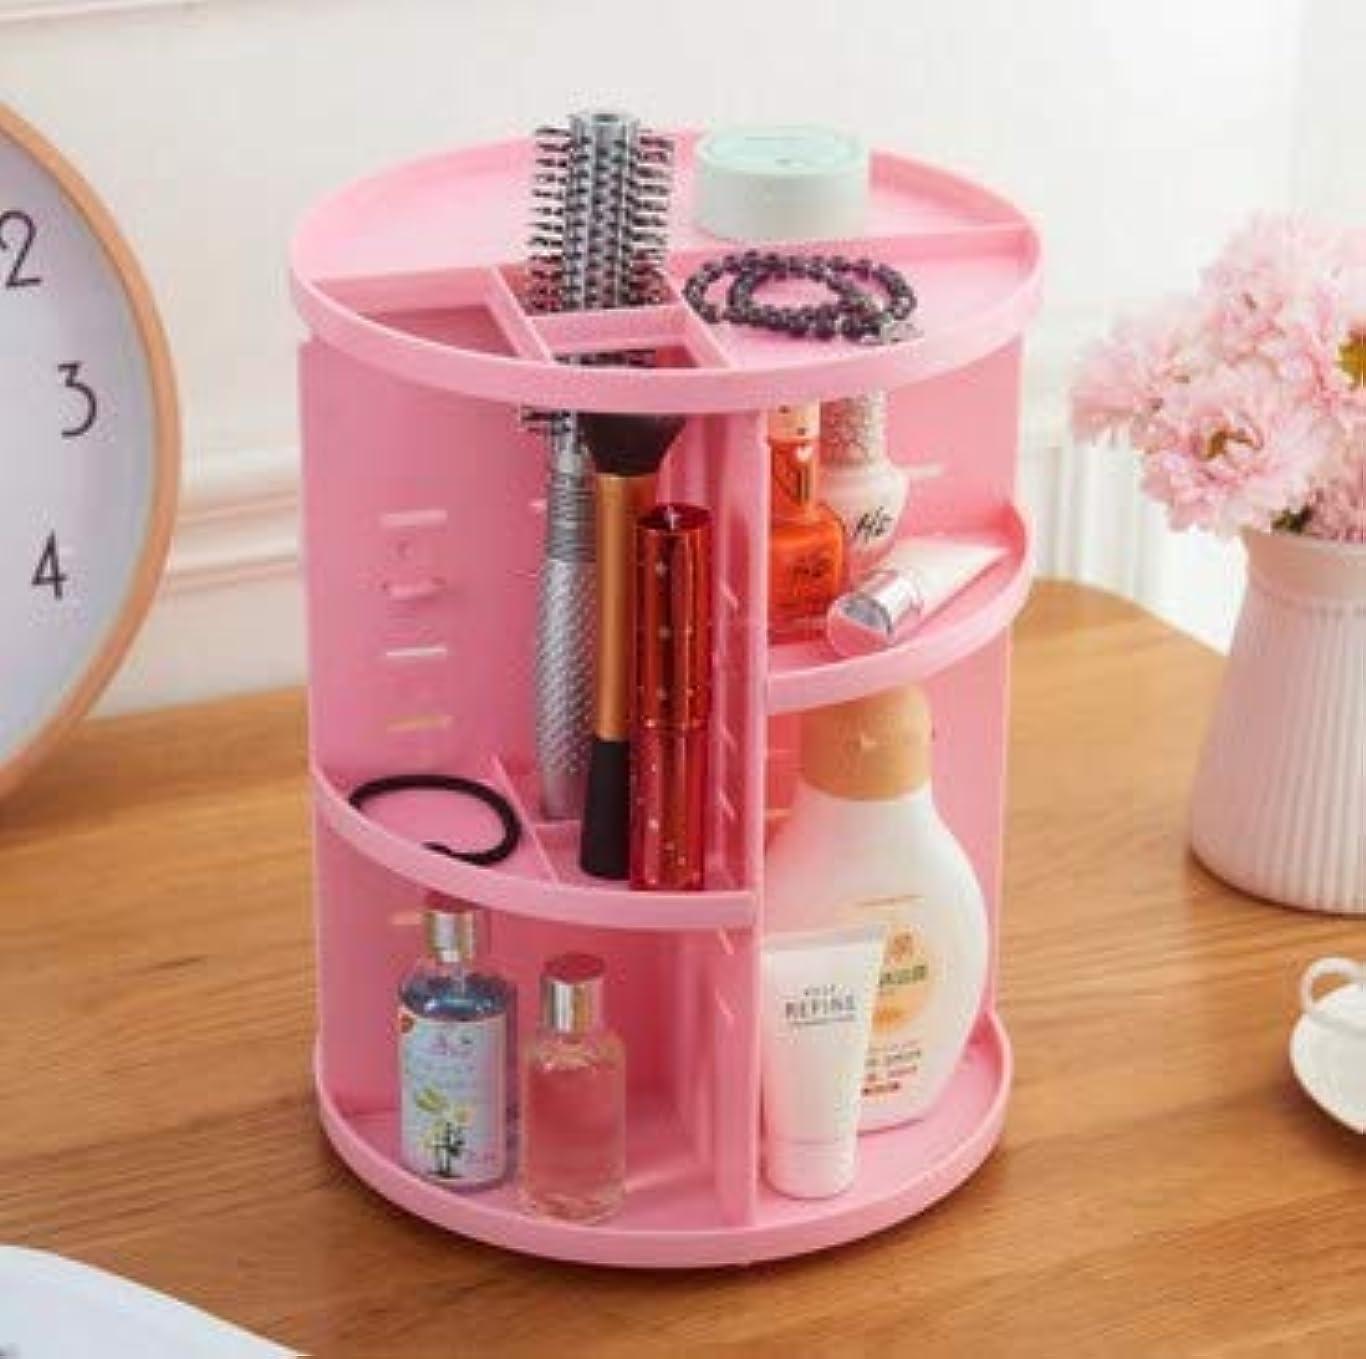 恥ずかしい活気づく閃光デスクトップロータリー収納ボックス多機能プラスチックバスルーム仕上げボックス化粧品収納ボックス (Color : ピンク)